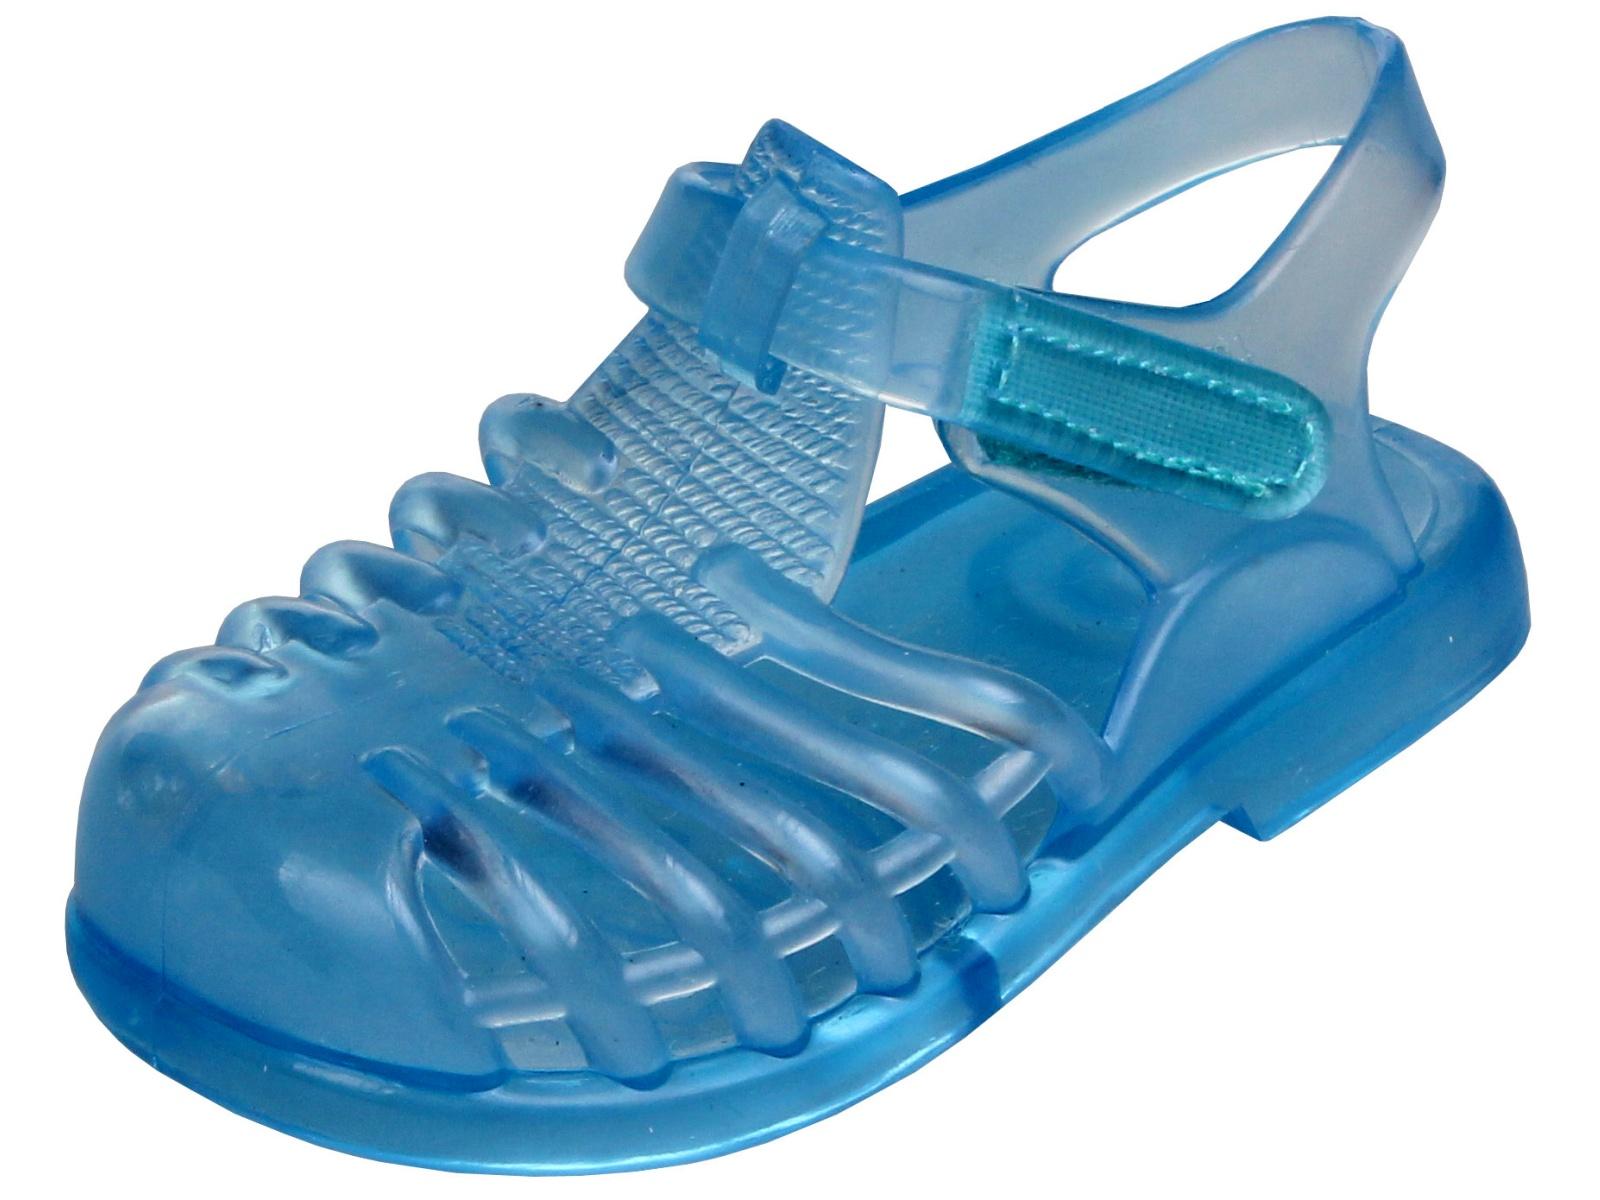 Boty do vody AQUA-SPEED Inka dětské modré - vel. 19